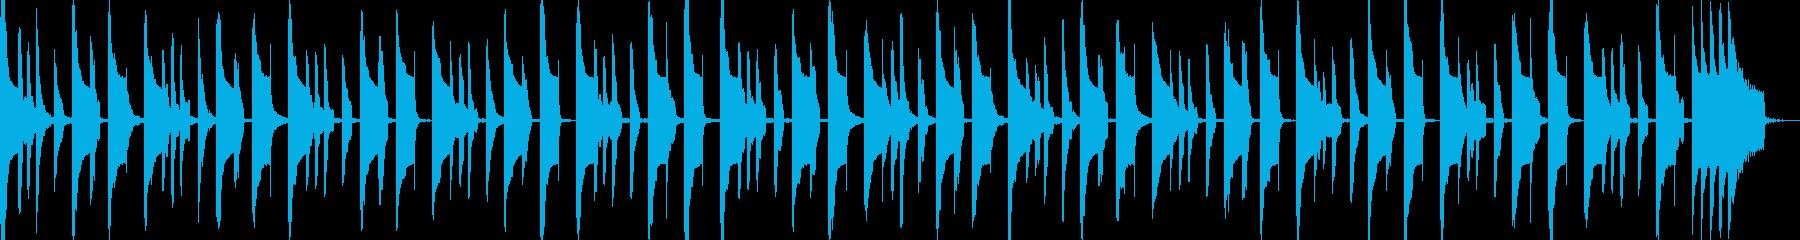 まぬけでコミカルな曲の再生済みの波形